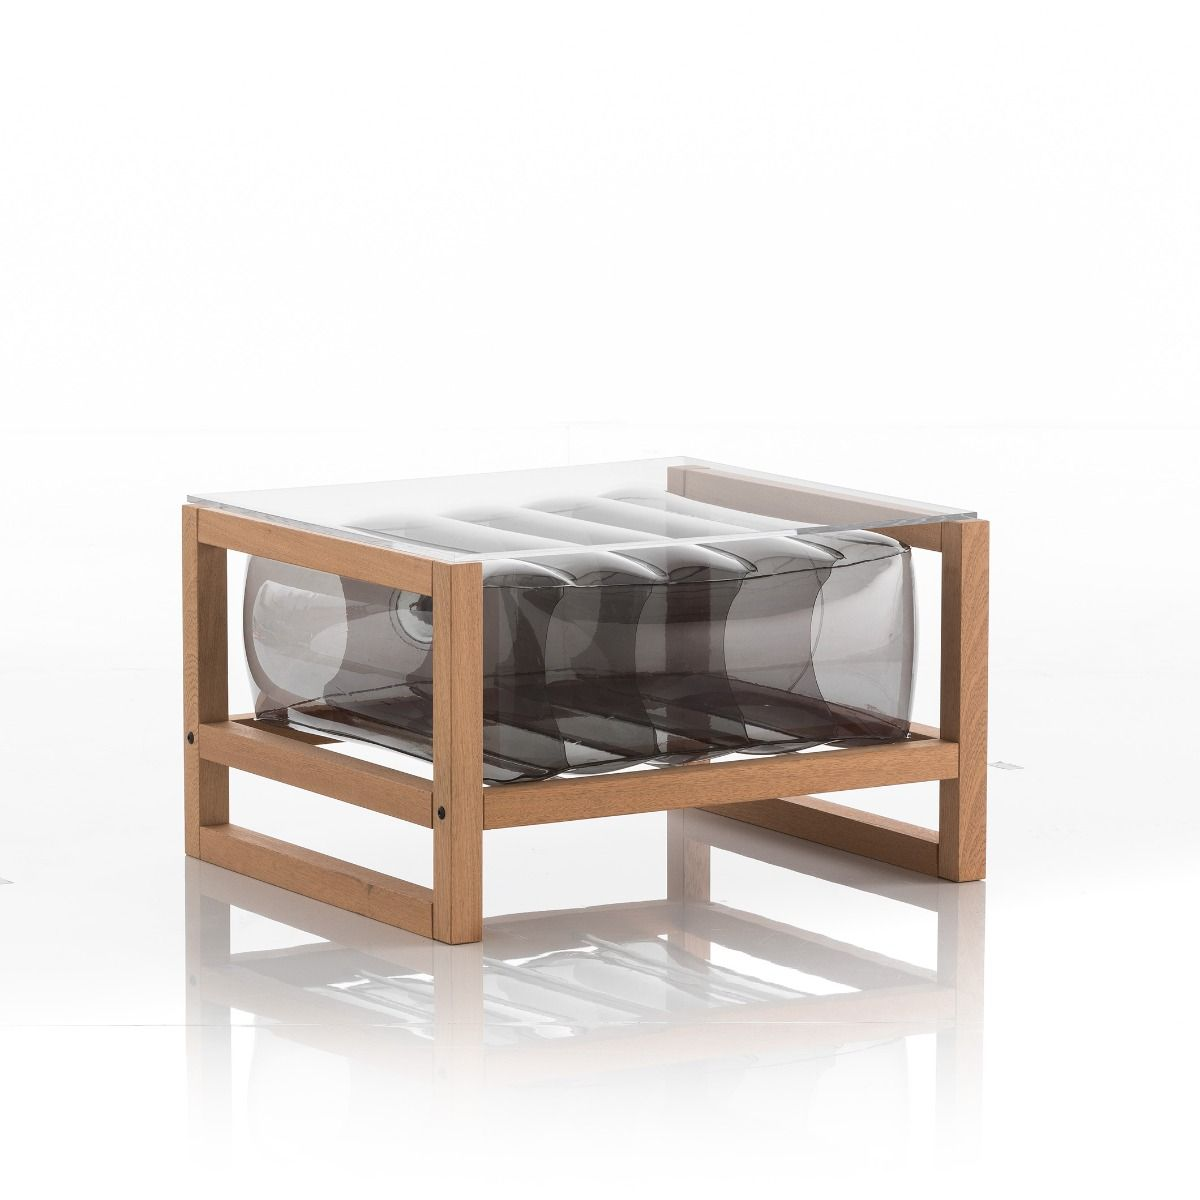 Table basse en bois et tpu noir